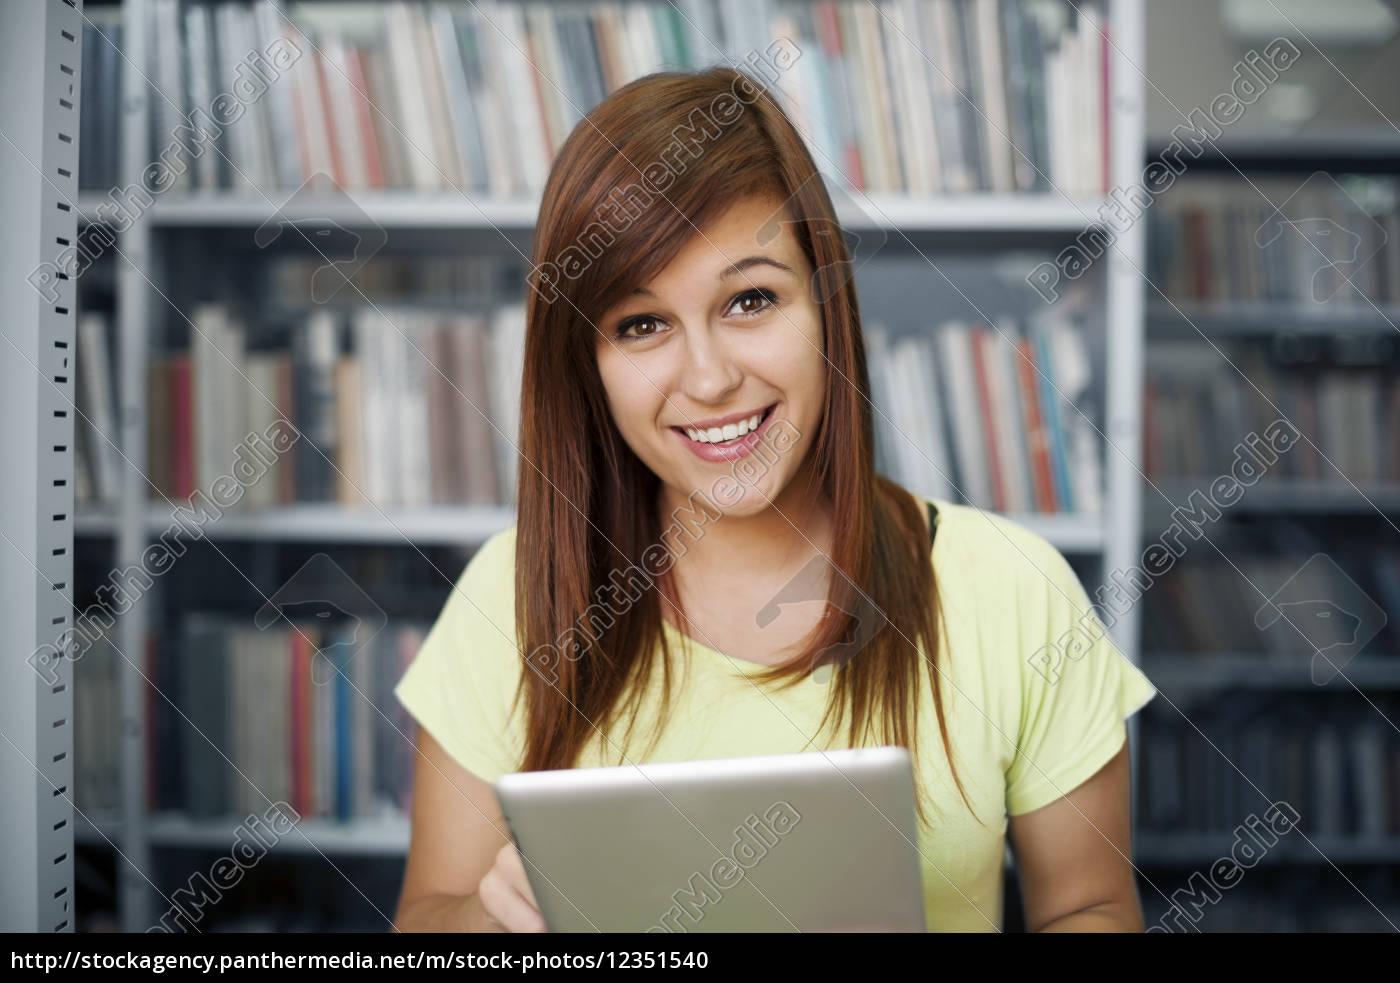 aluno, feliz, usando, tablet, digital, na - 12351540